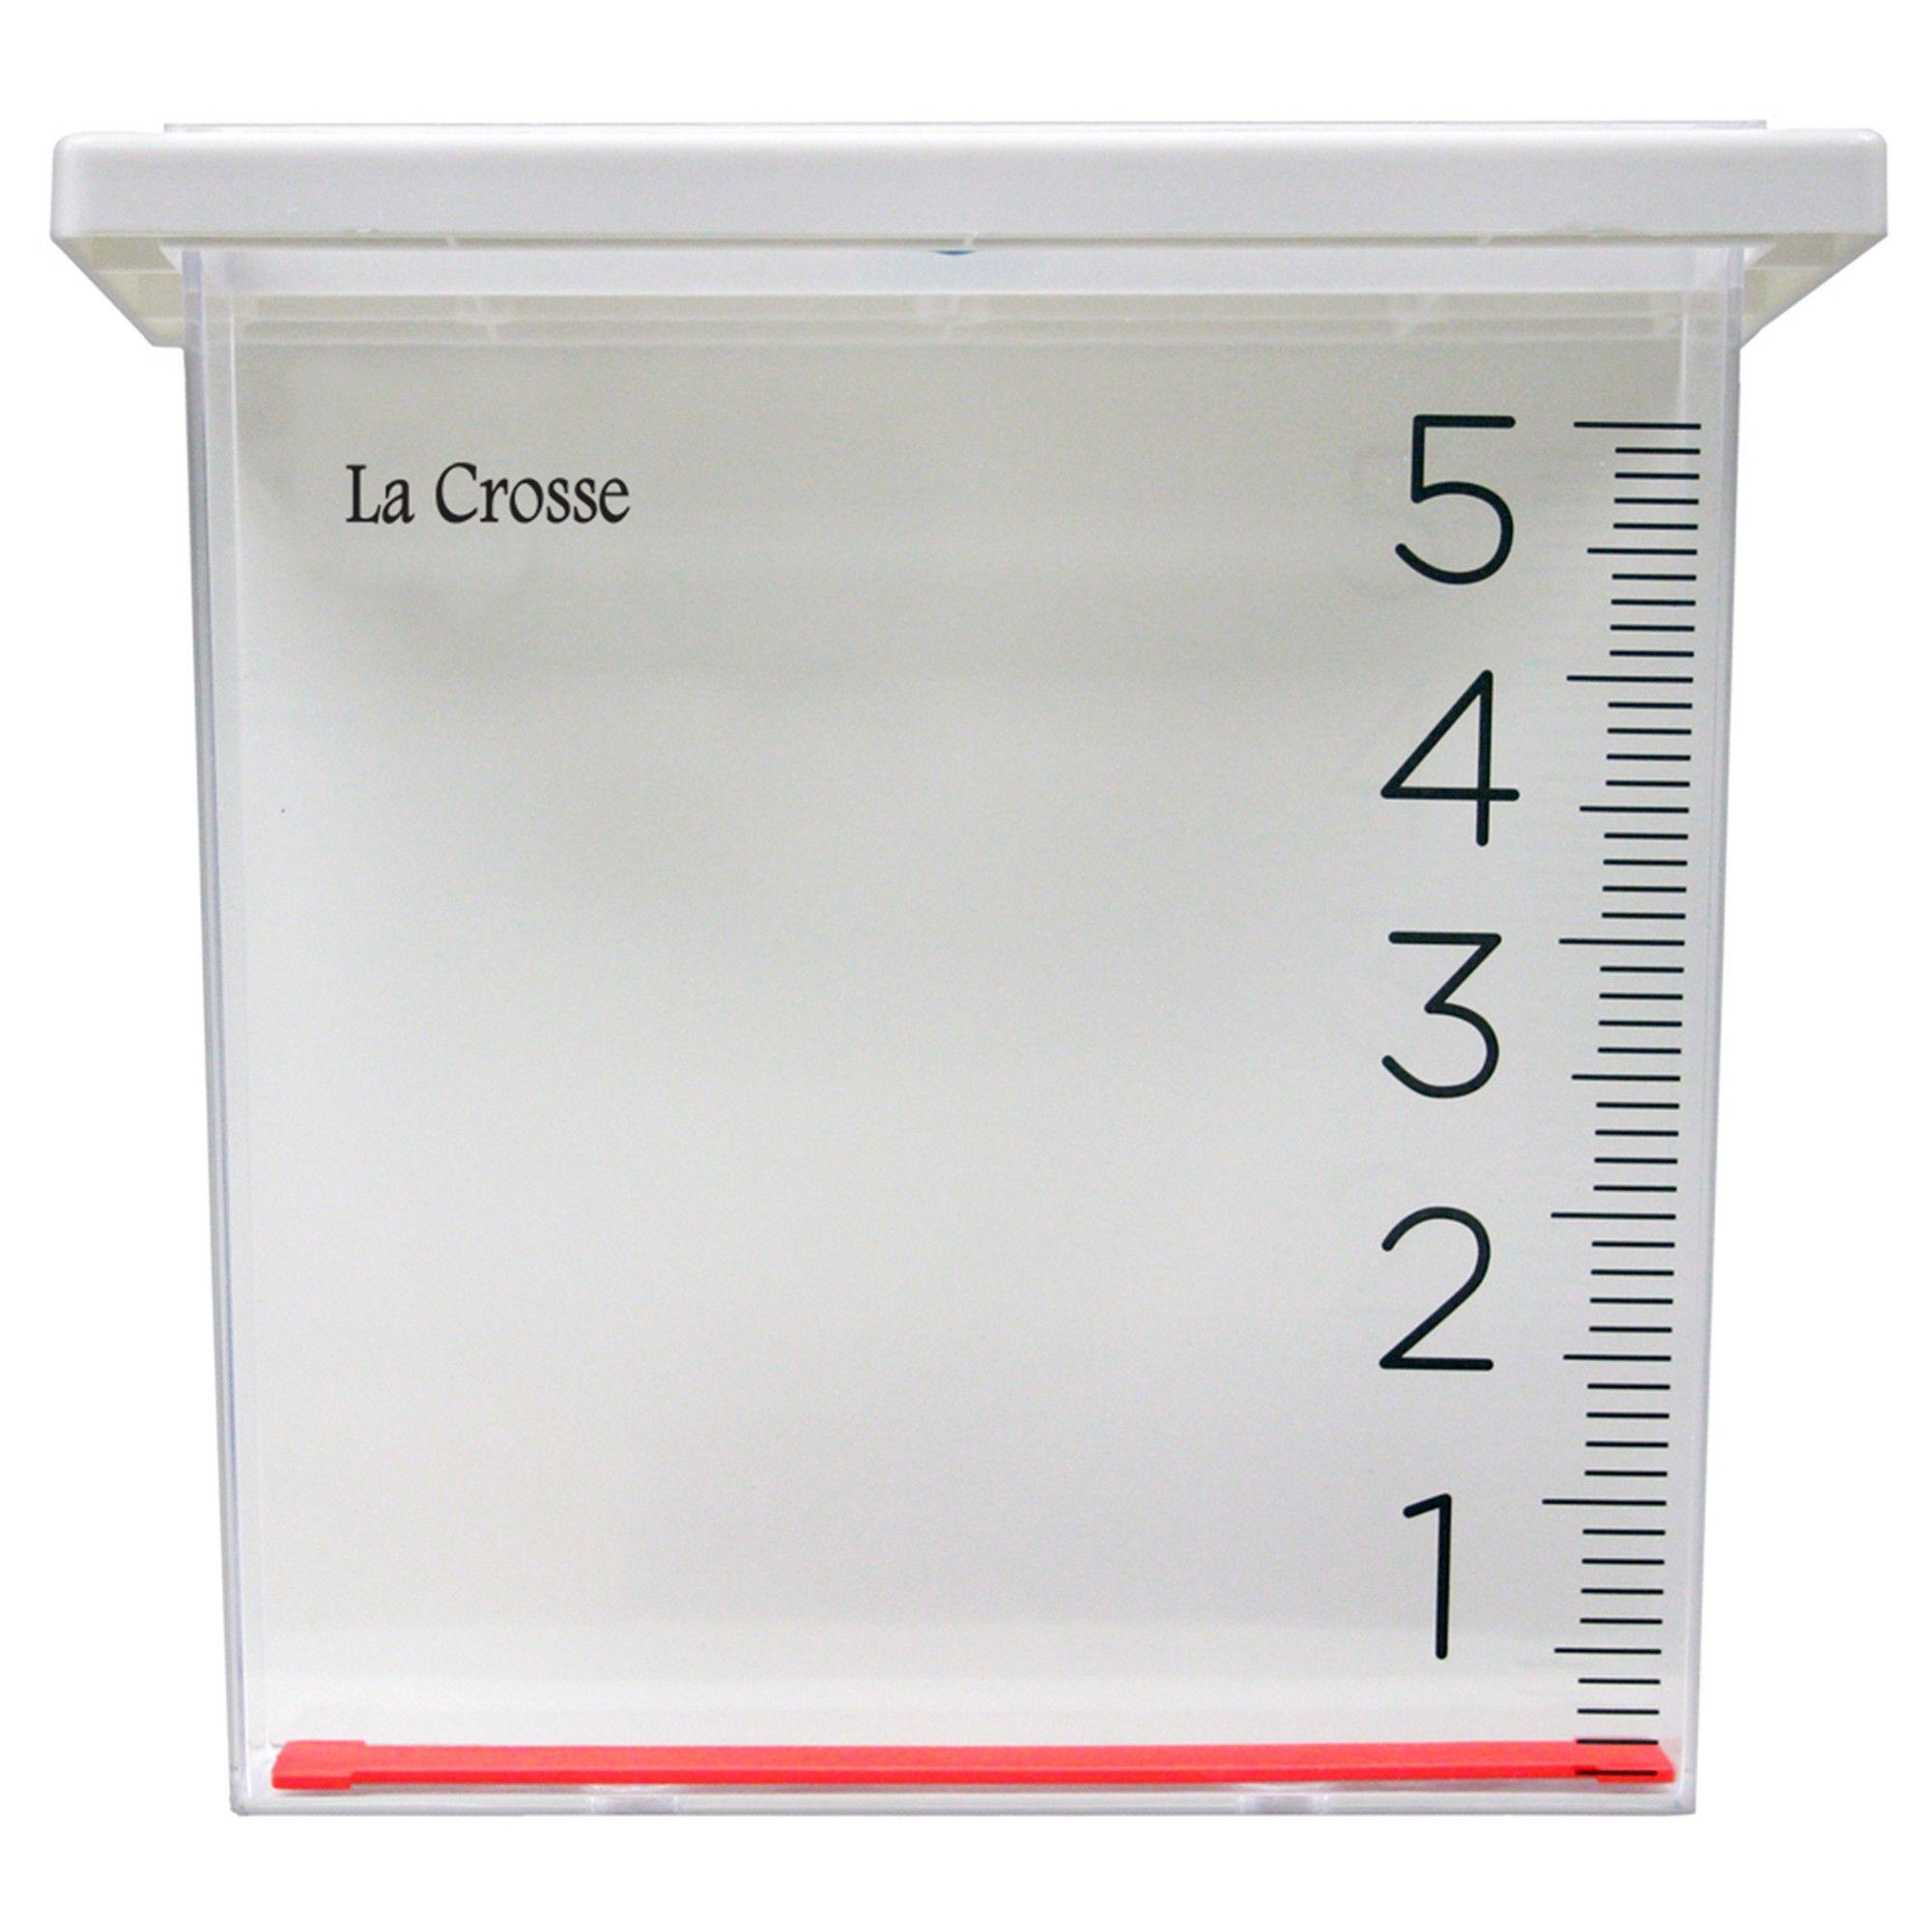 La Crosse Waterfall Rain Gauge Clear Rain gauge, Rain